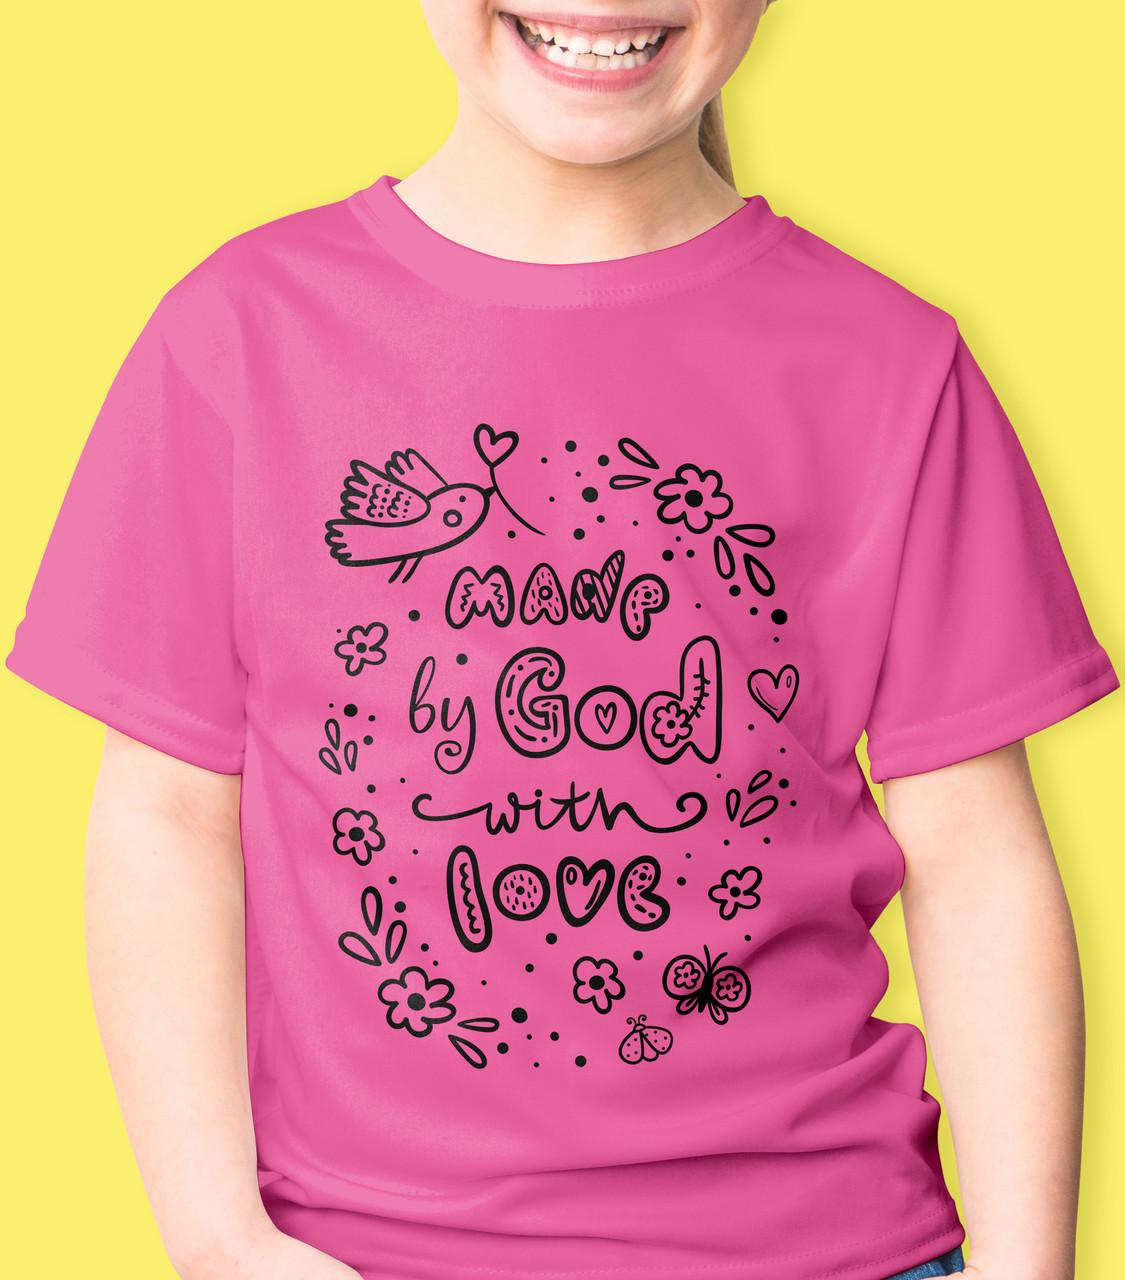 """Футболка дитяча """"Made by God with love"""". Розмір 5-6 років, 116 см."""